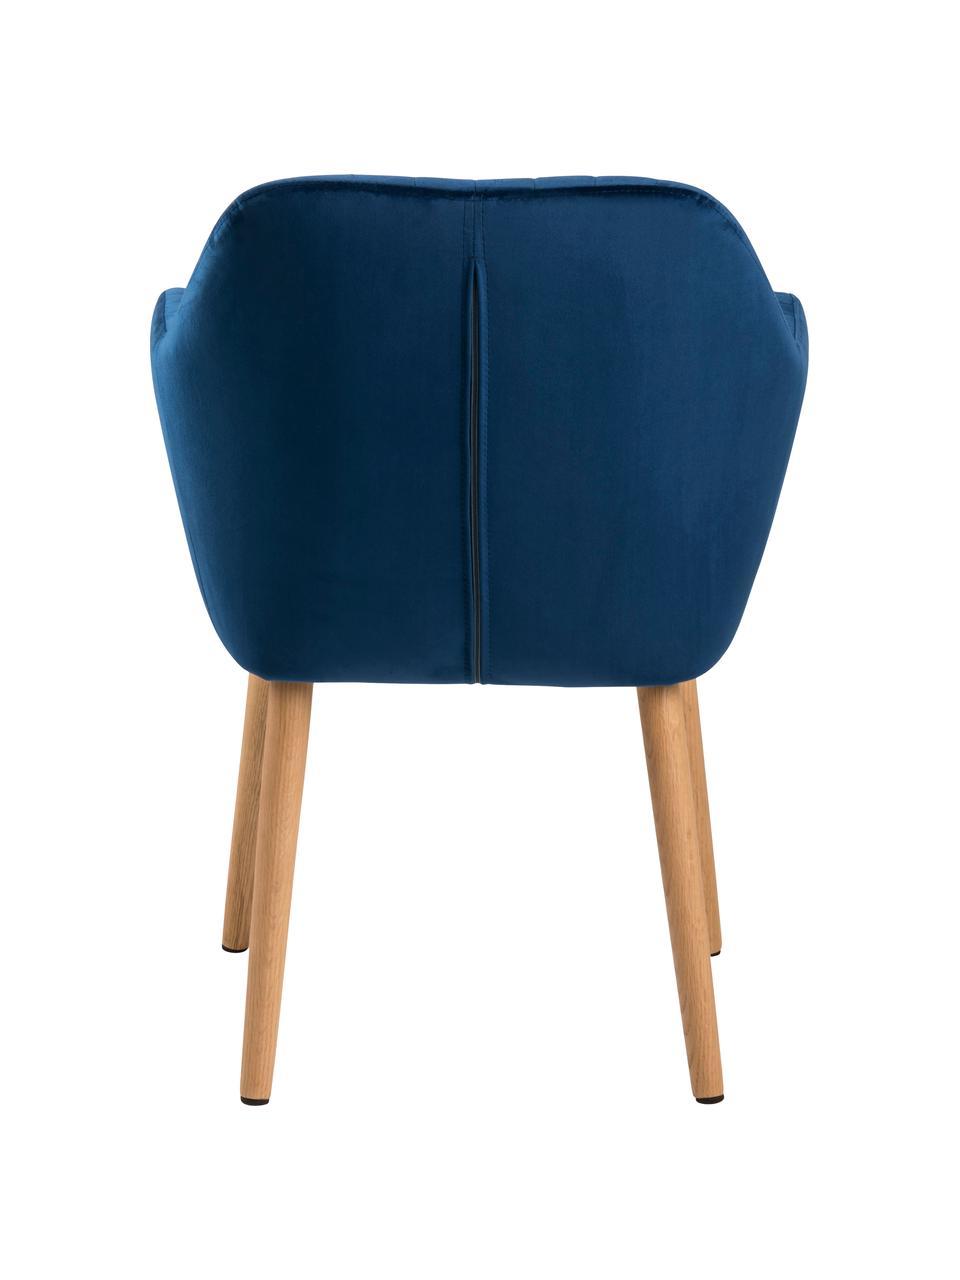 Chaise velours rembourré Emilia, Velours bleu foncé, pieds chêne